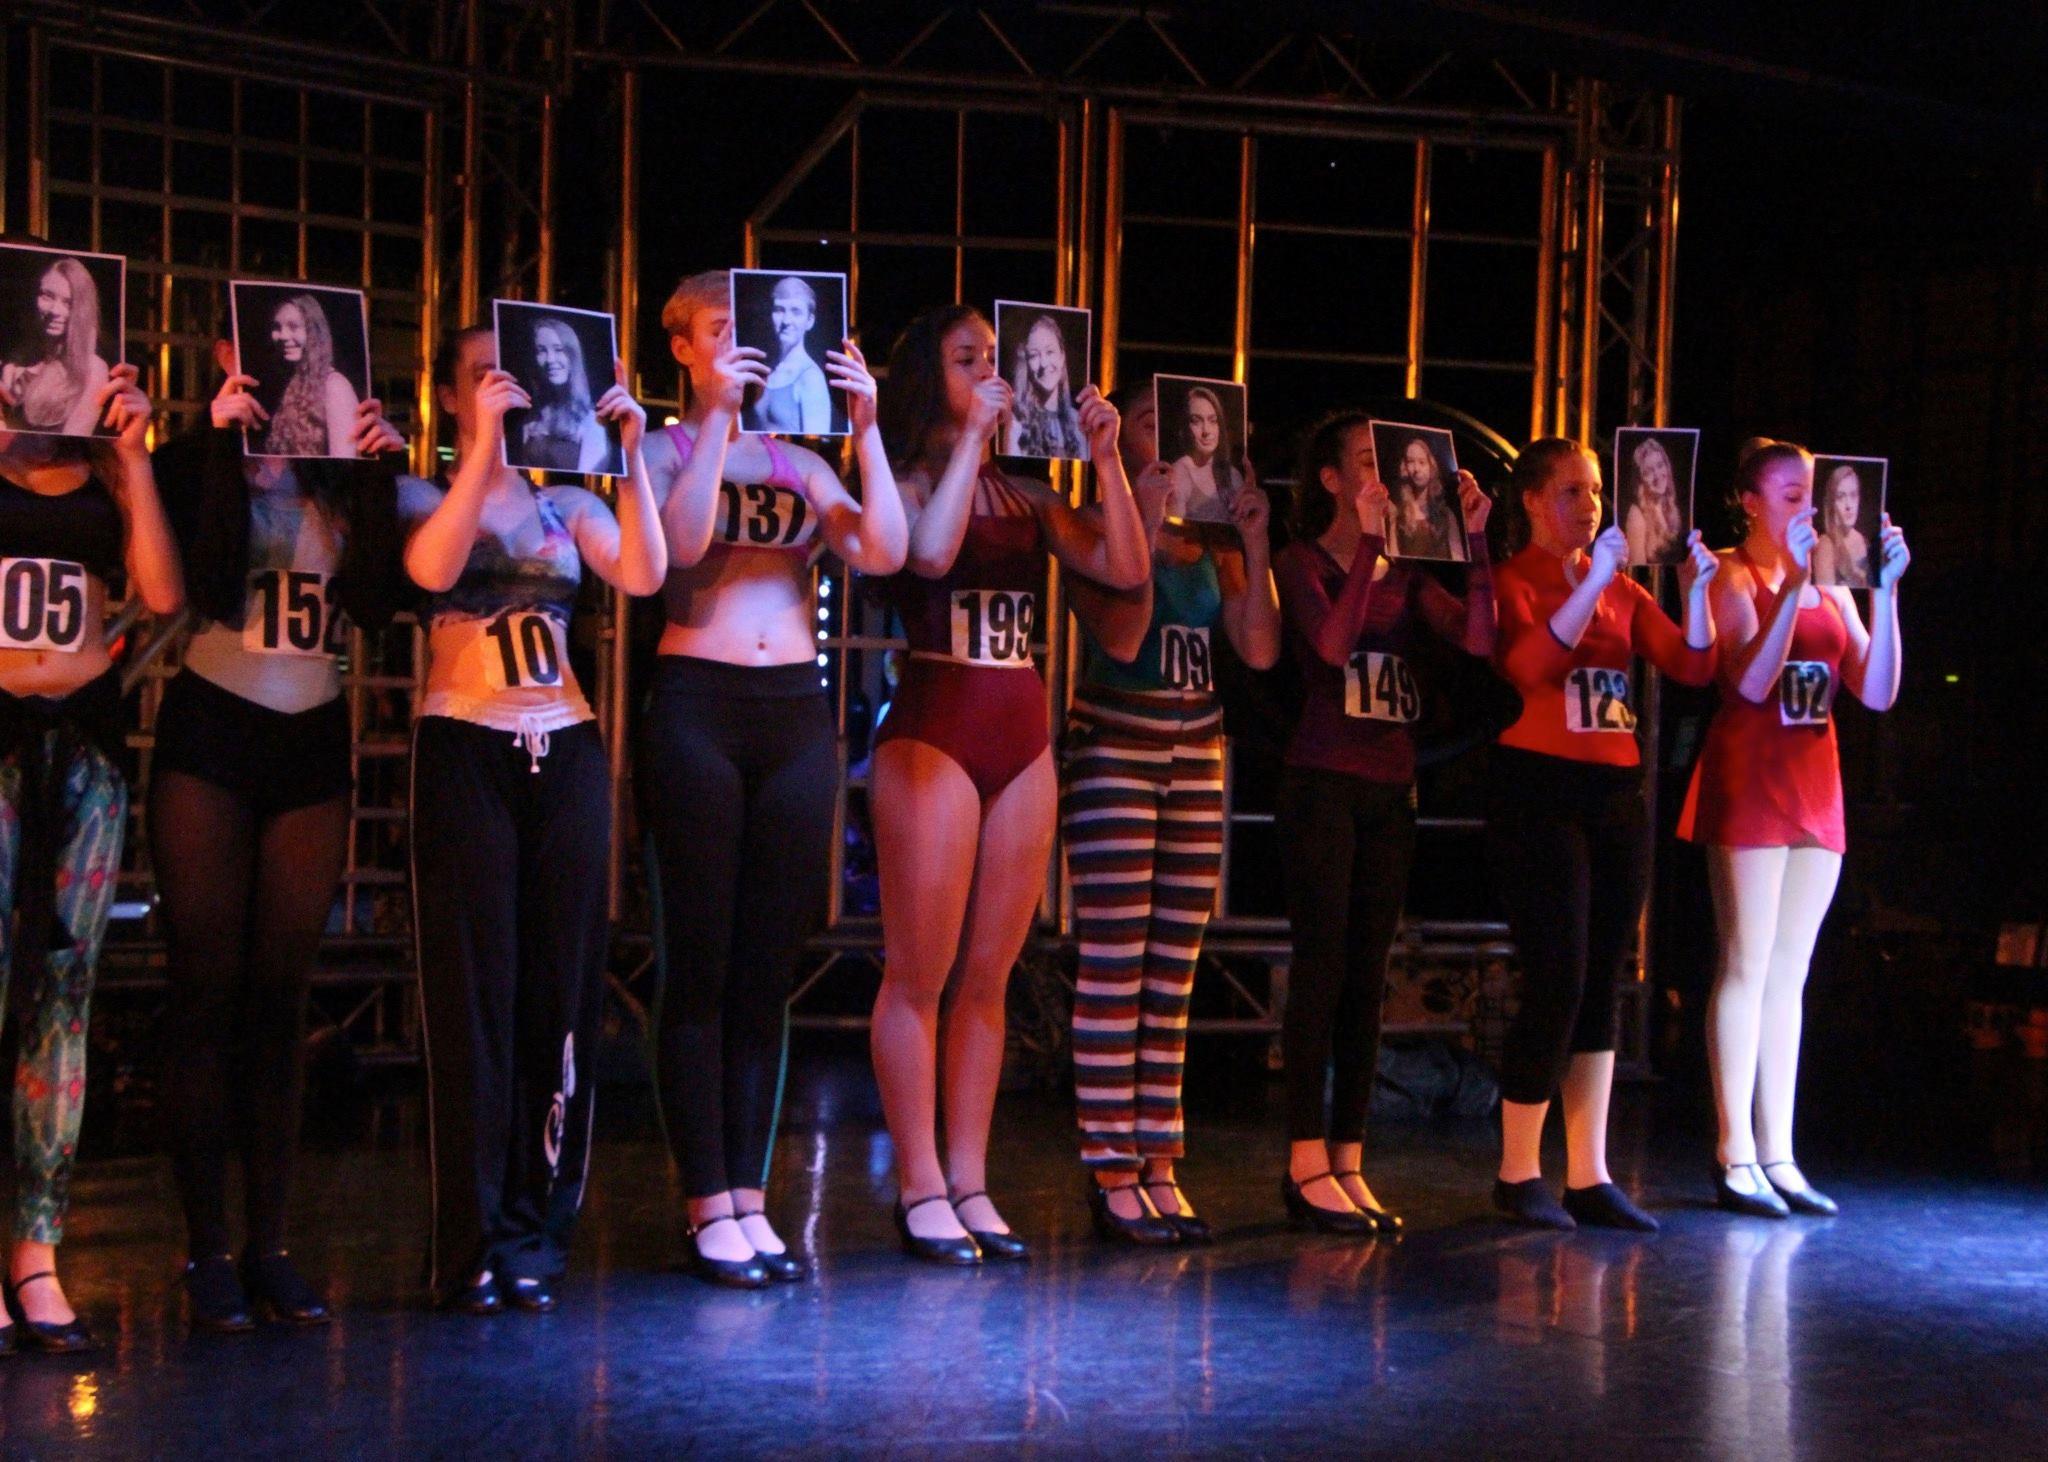 Chorus Line - I Hope I Get It